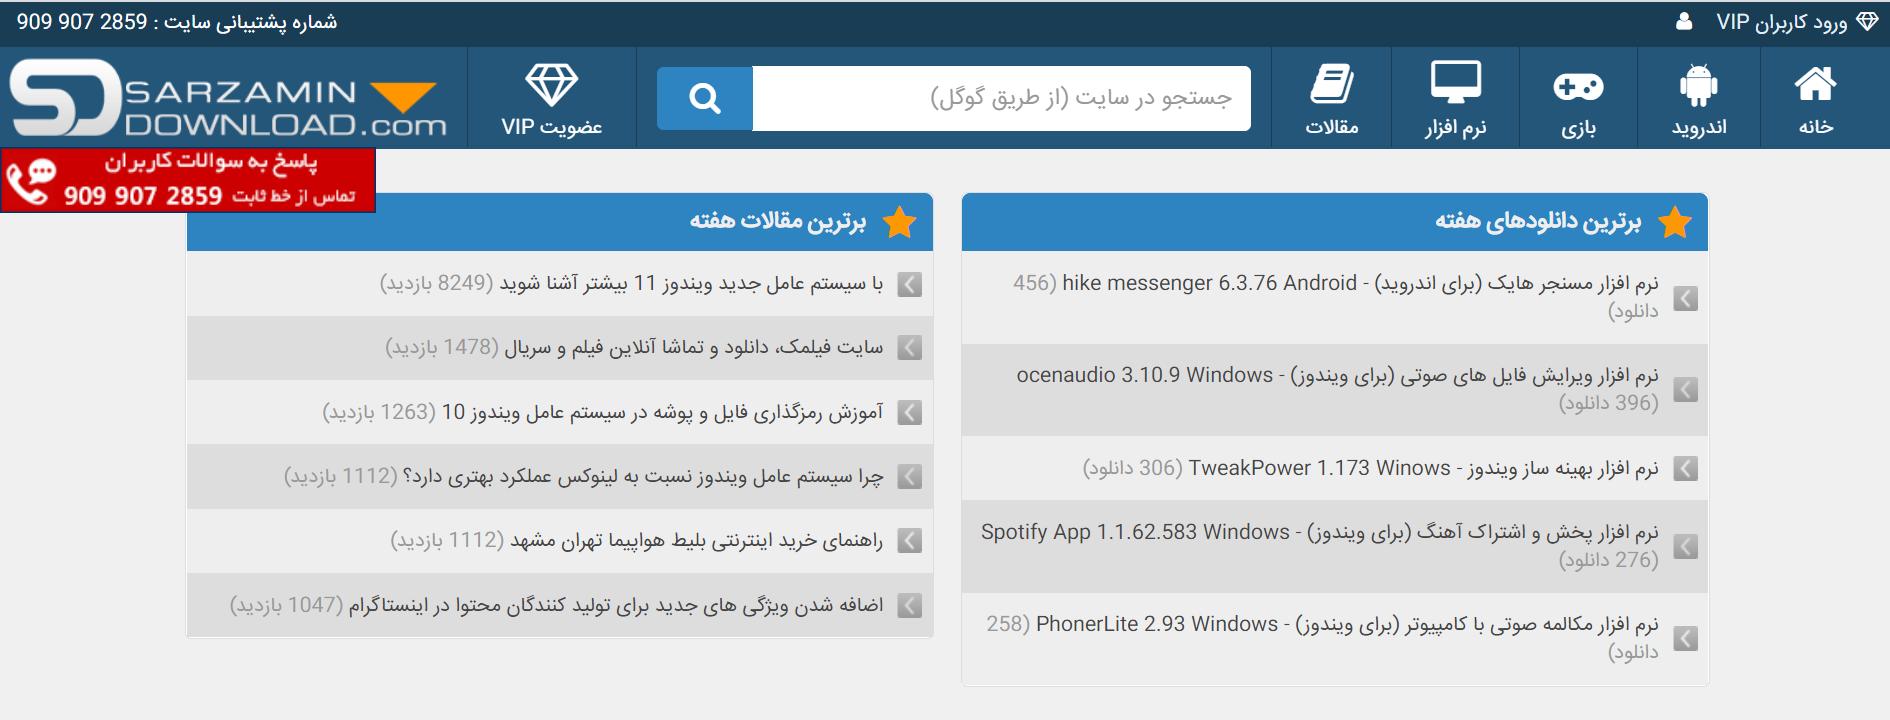 سرزمین دانلود ها بهترین سایت های دانلود نرم افزار در ایران